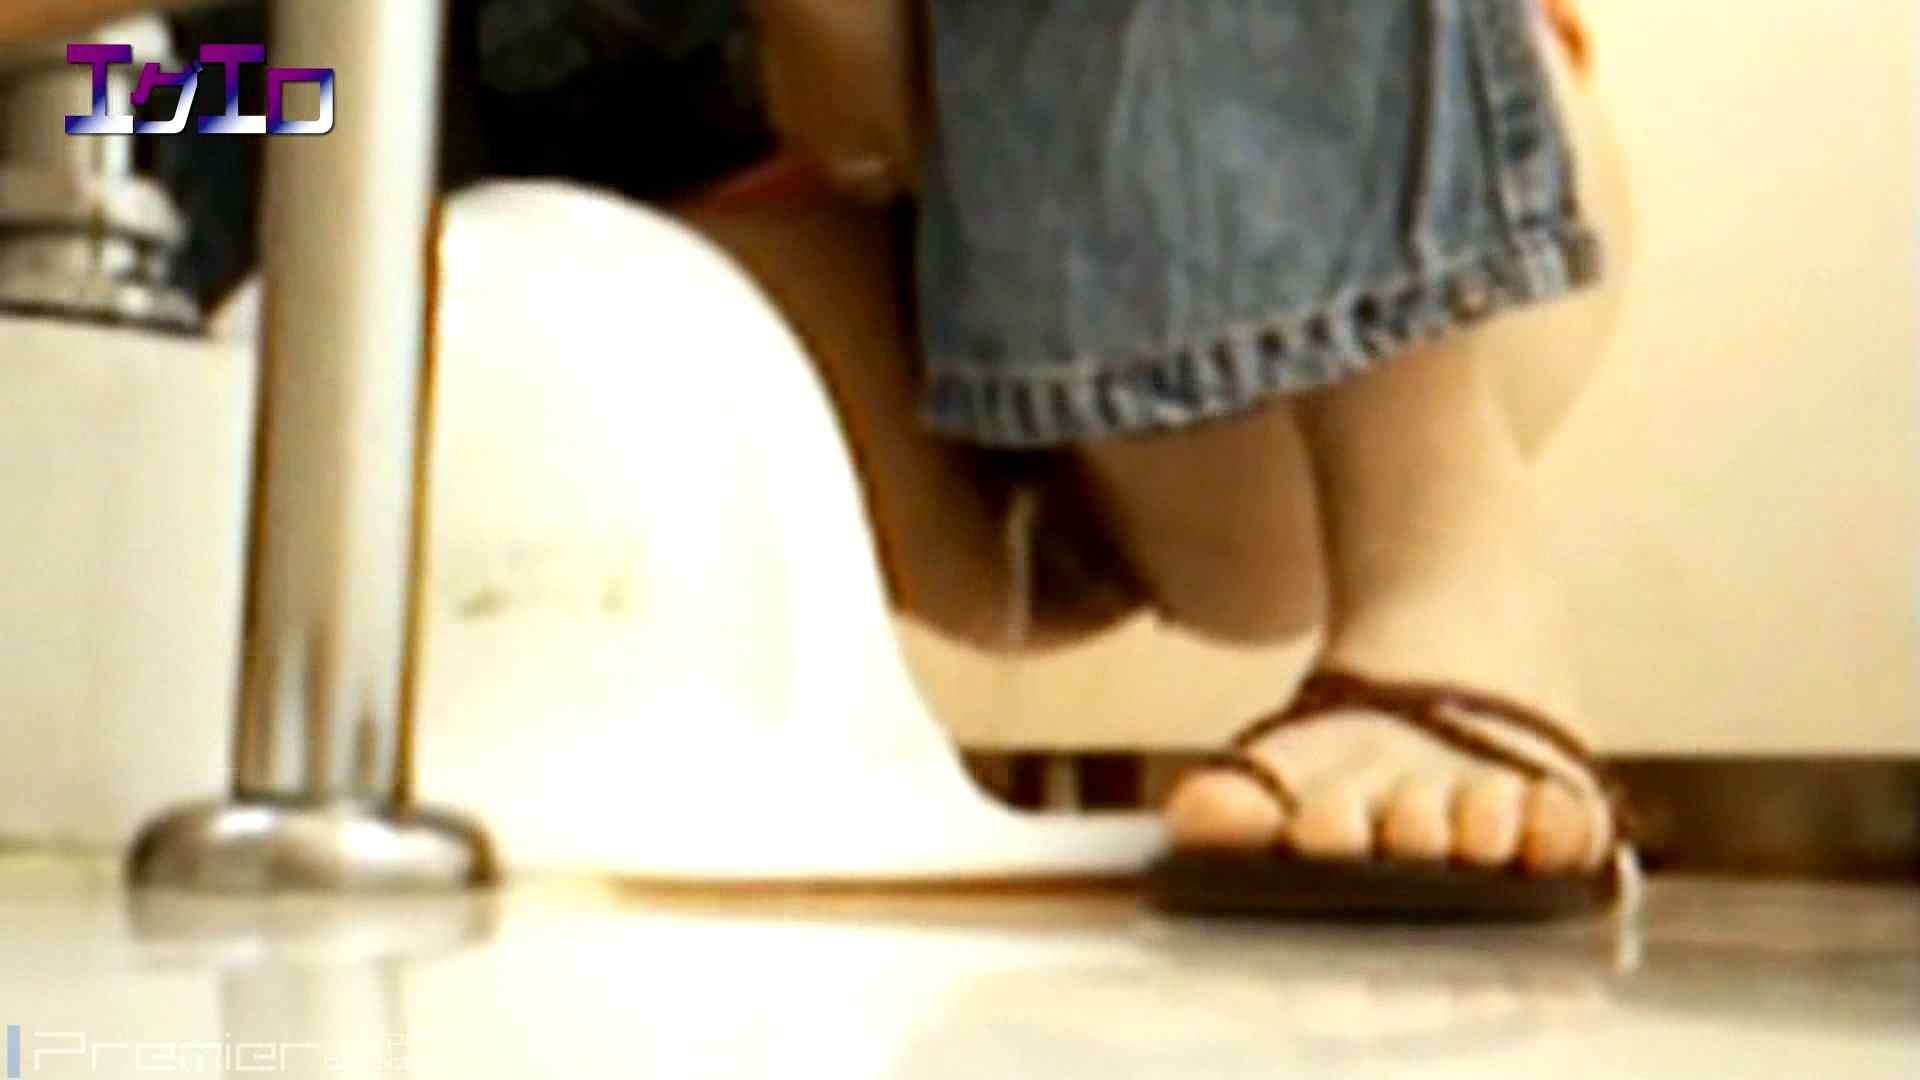 至近距離洗面所 Vol.09夏ギャルキタ~和式トイレ放nyoショー ギャル盗撮映像 性交動画流出 80PIX 67